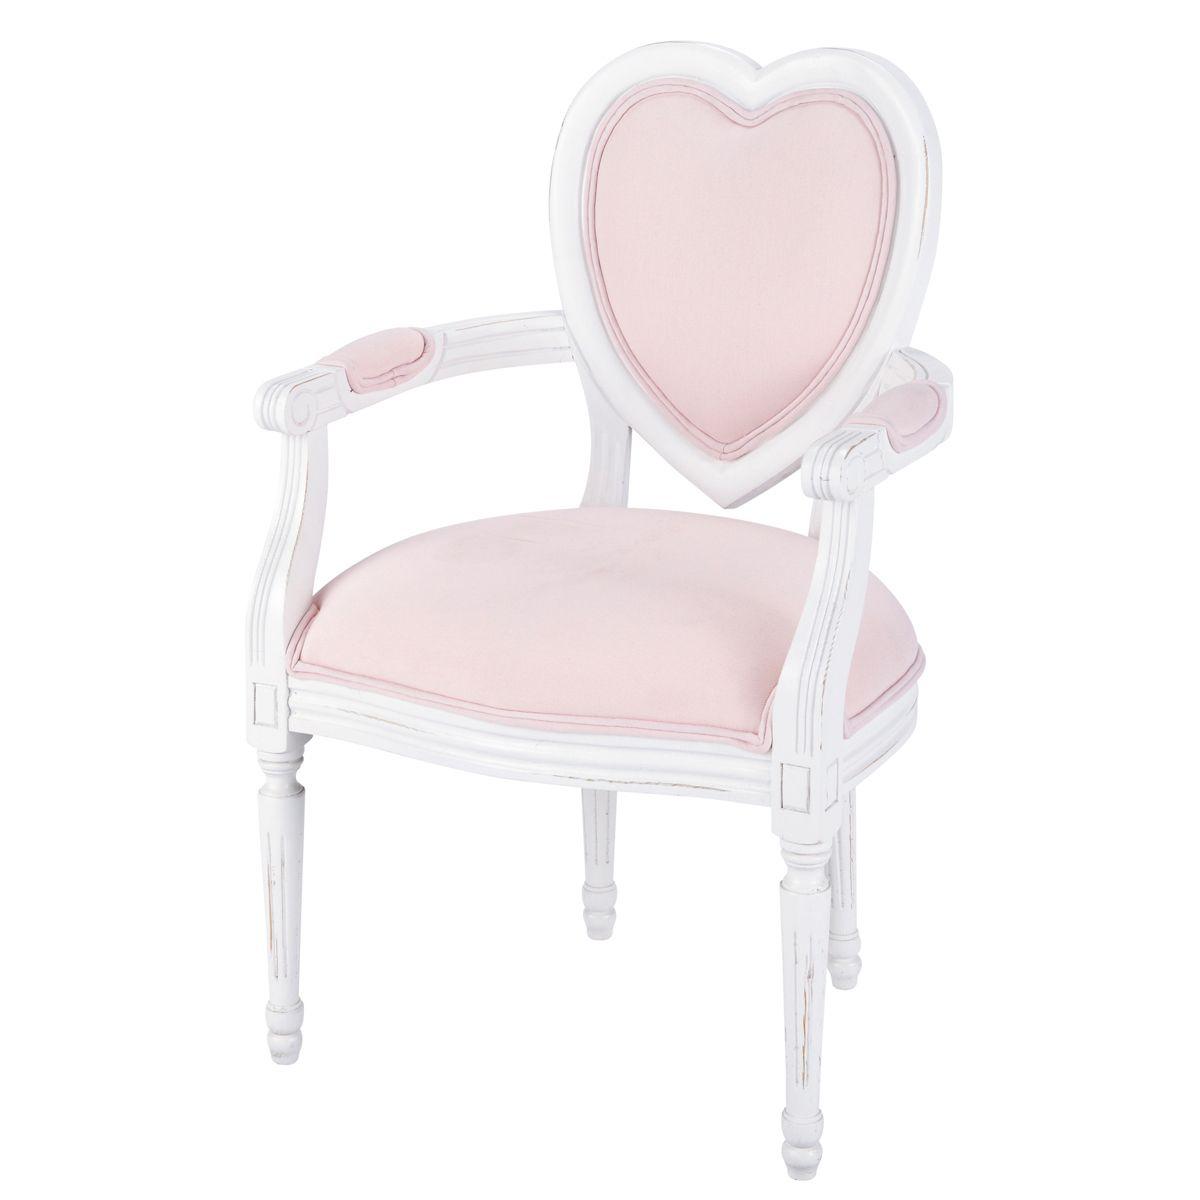 Kindersessel rosa  Kindersessel rosa COEUR | Unbedingt kaufen | Pinterest | Armchairs ...